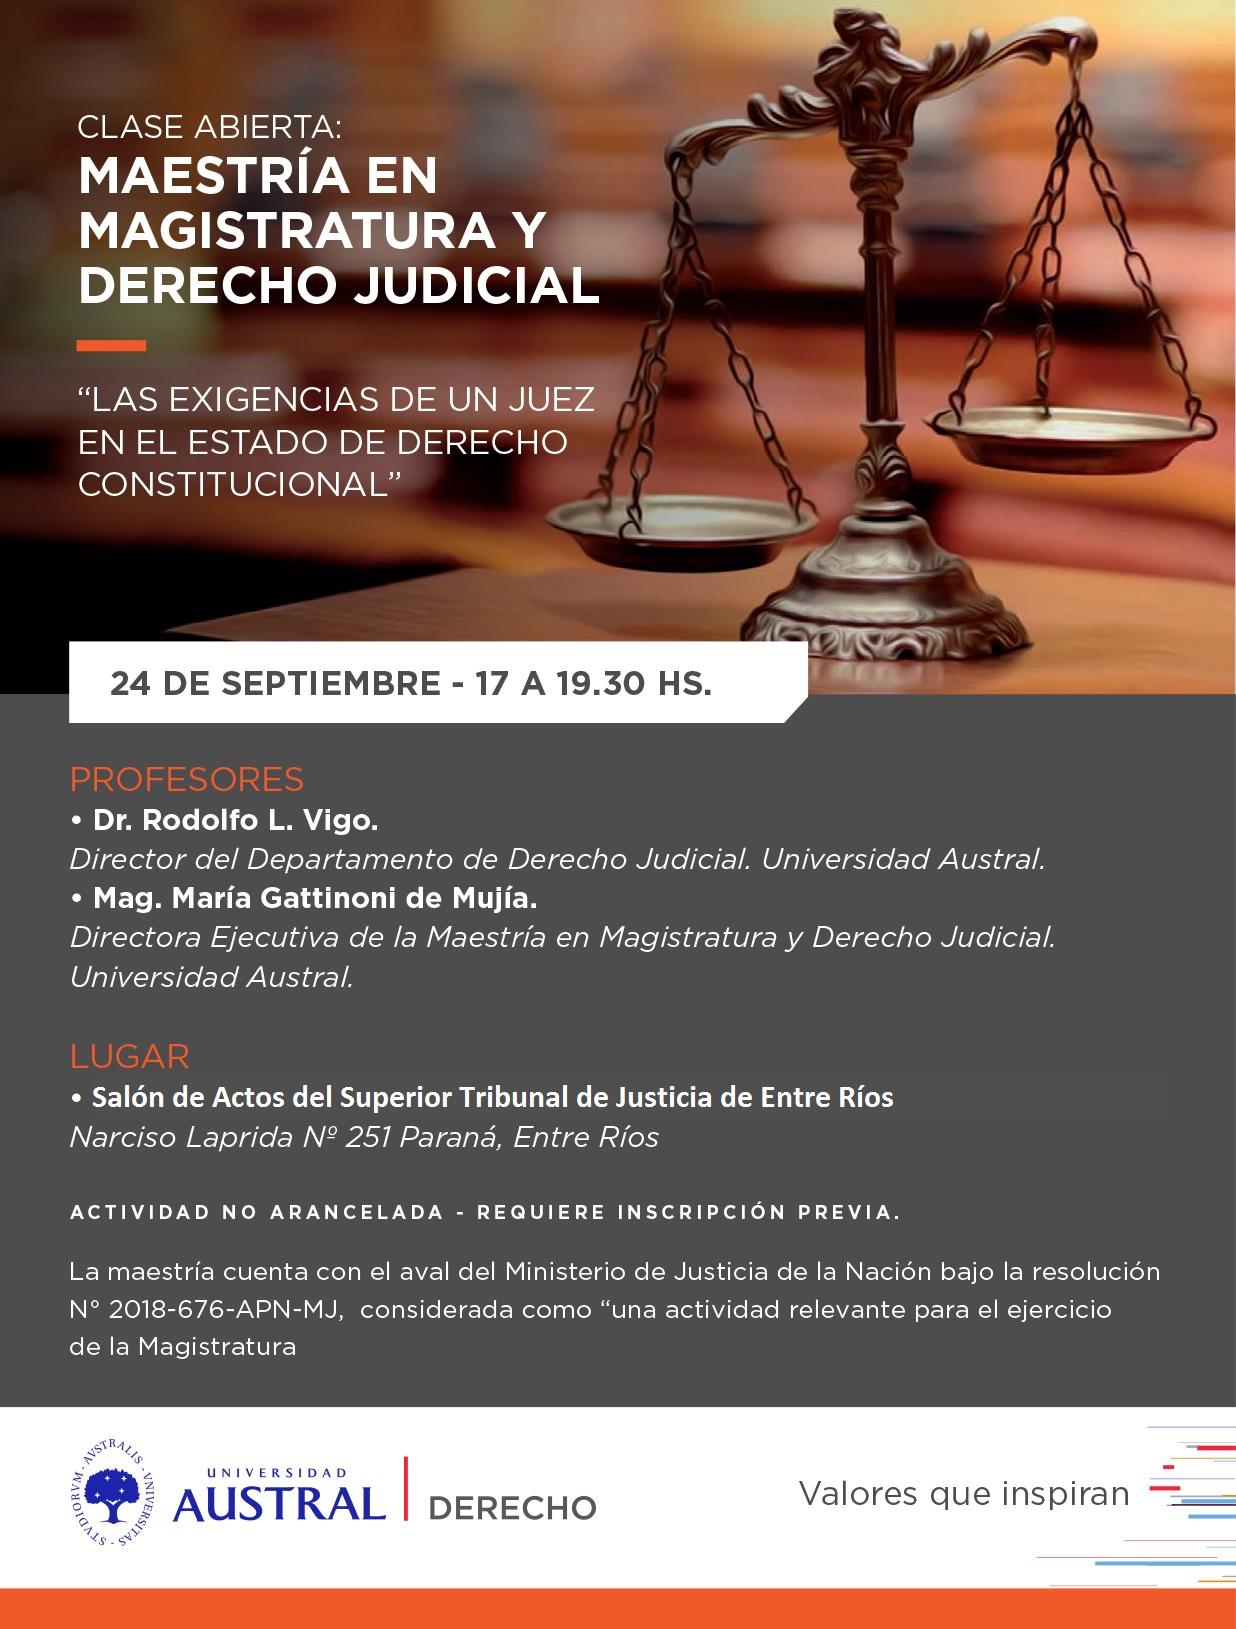 """""""LAS EXIGENCIAS DE UN JUEZ EN EL ESTADO DE DERECHO CONSTITUCIONAL"""""""